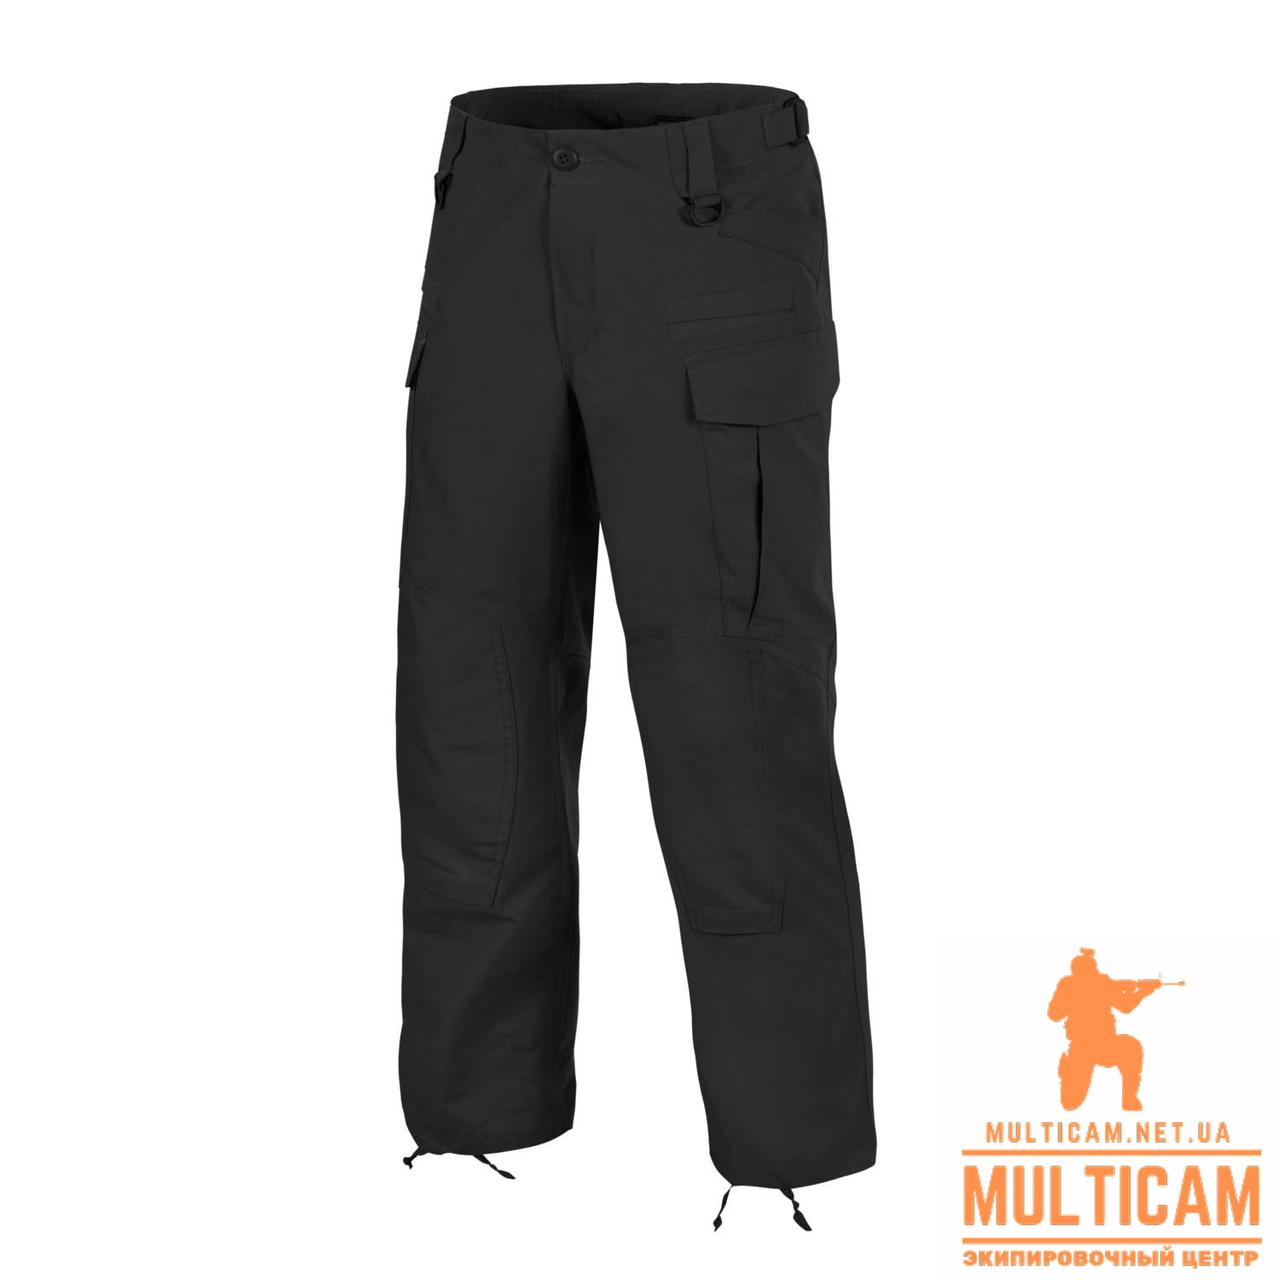 Штани Helikon-Tex® SFU NEXT Pants® - PolyCotton Ripstop - Black